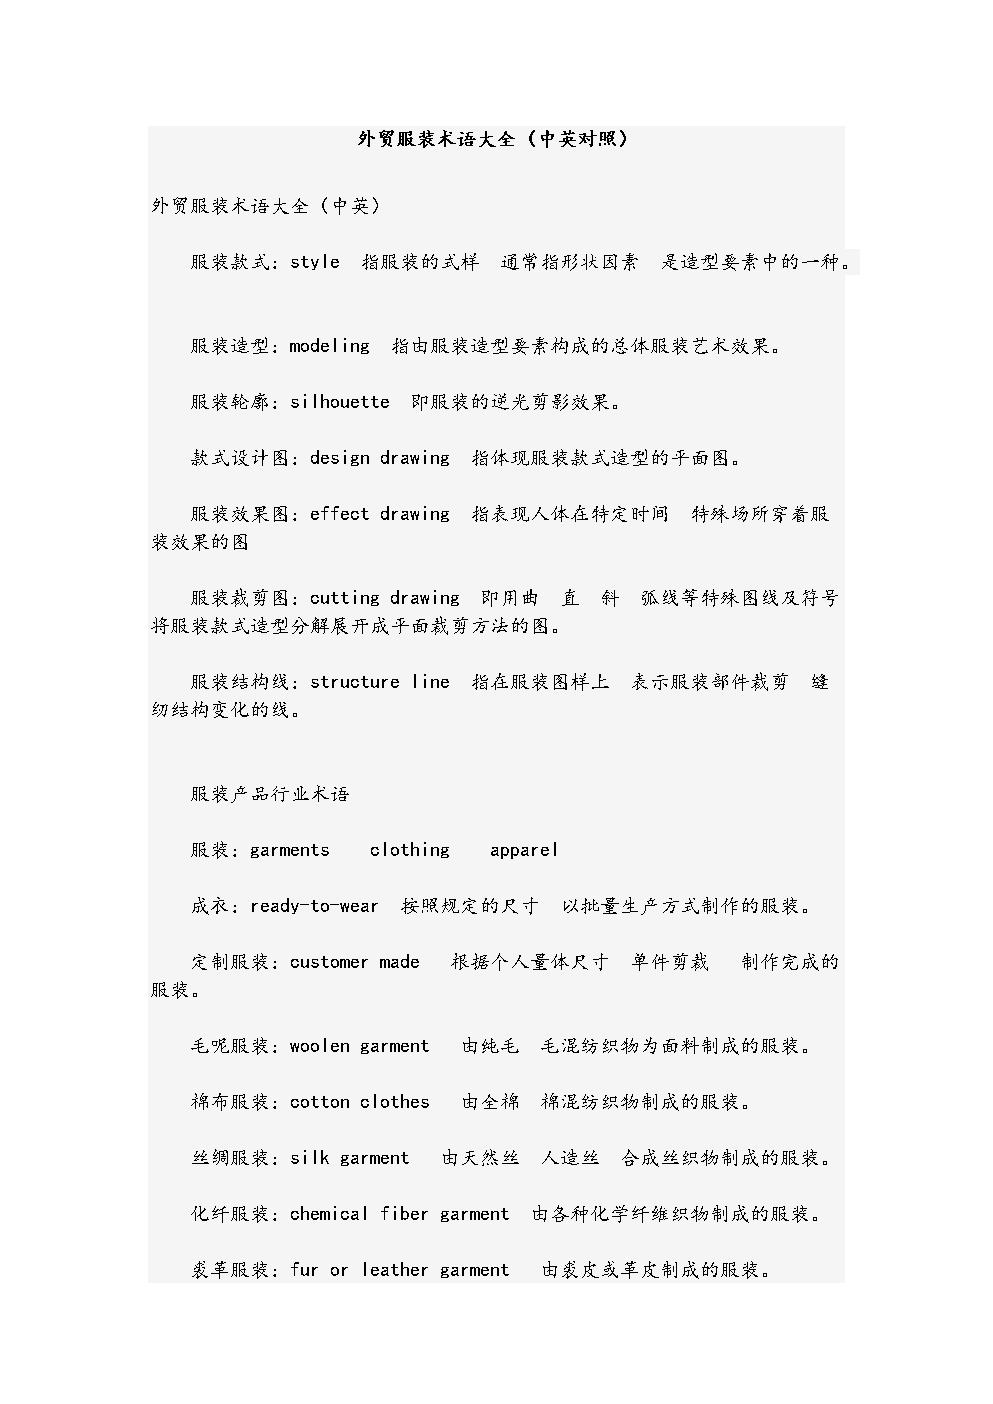 外贸服装术语大全(中英对照).doc